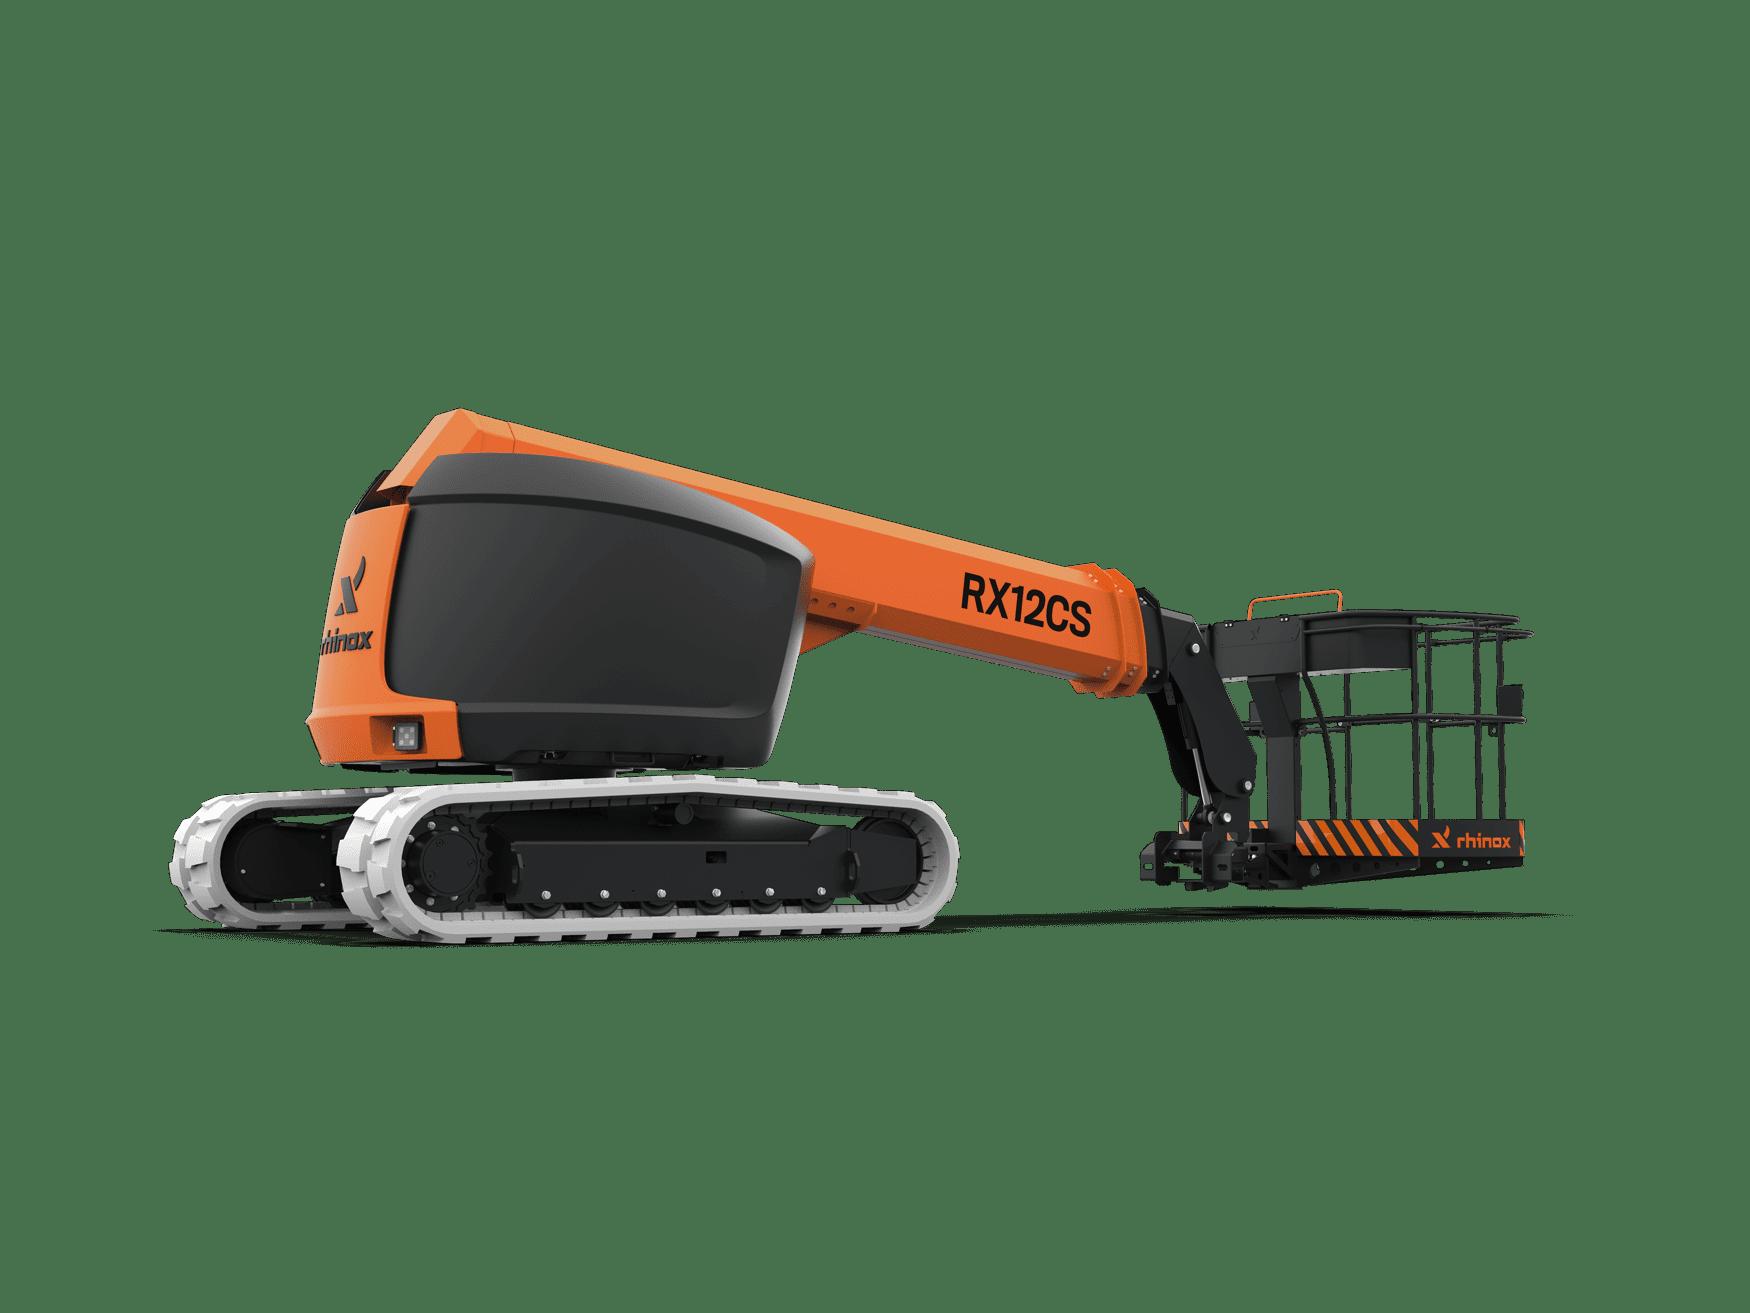 Rhinox RX12CS hoogwerkers